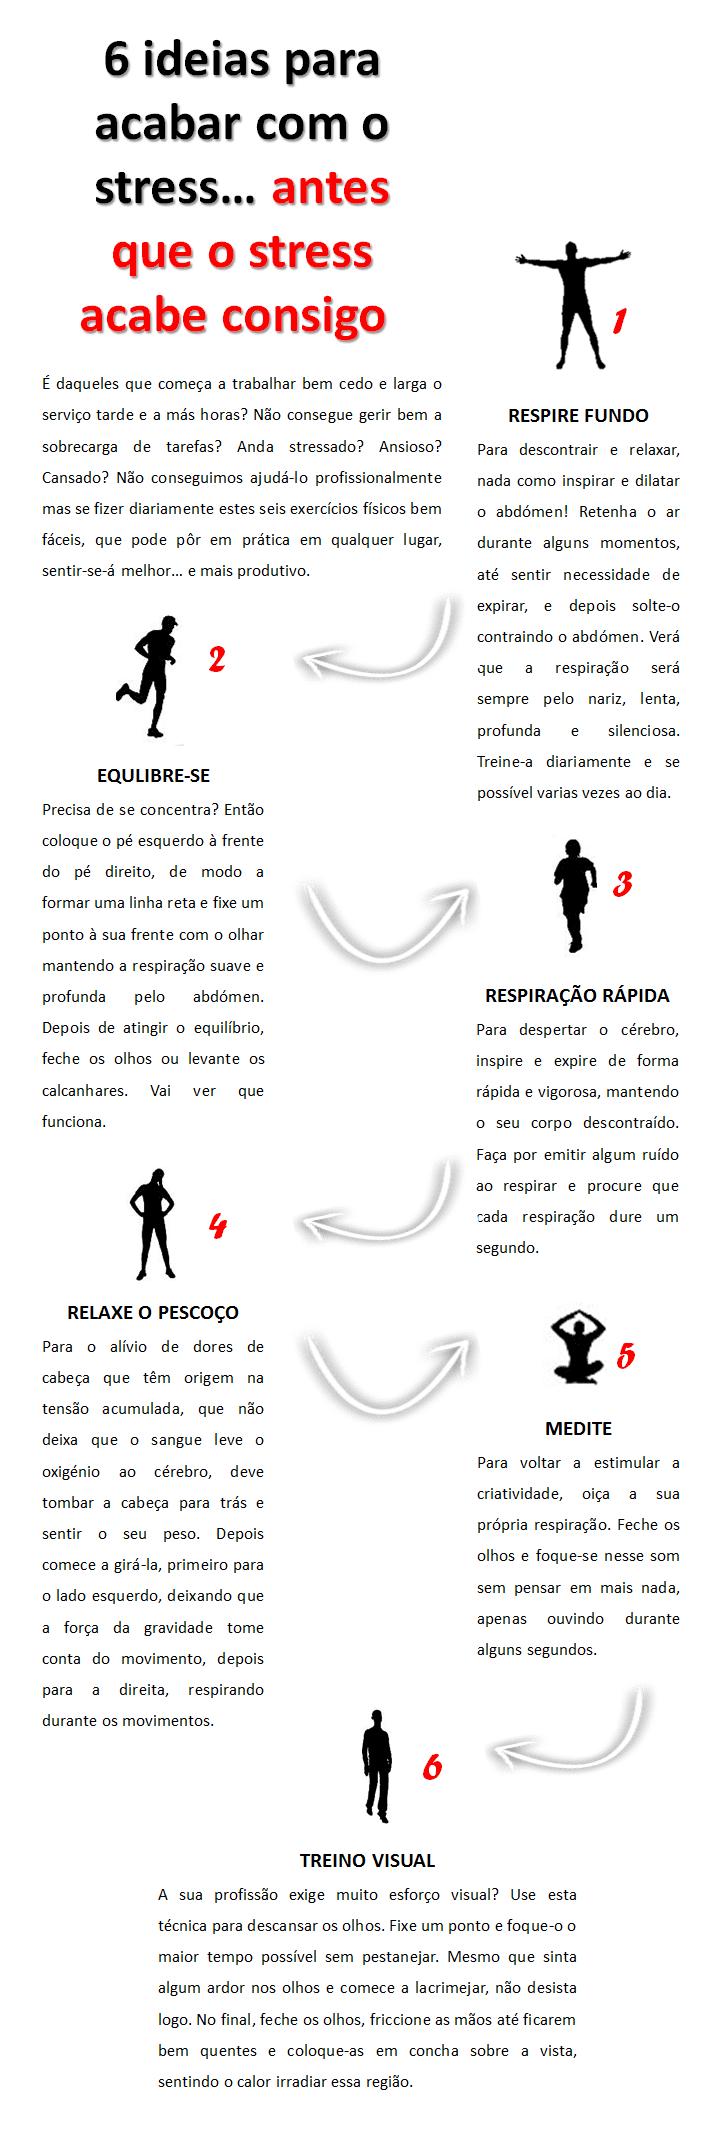 infografia - como acabar com o stess antes que ele acabe consigo